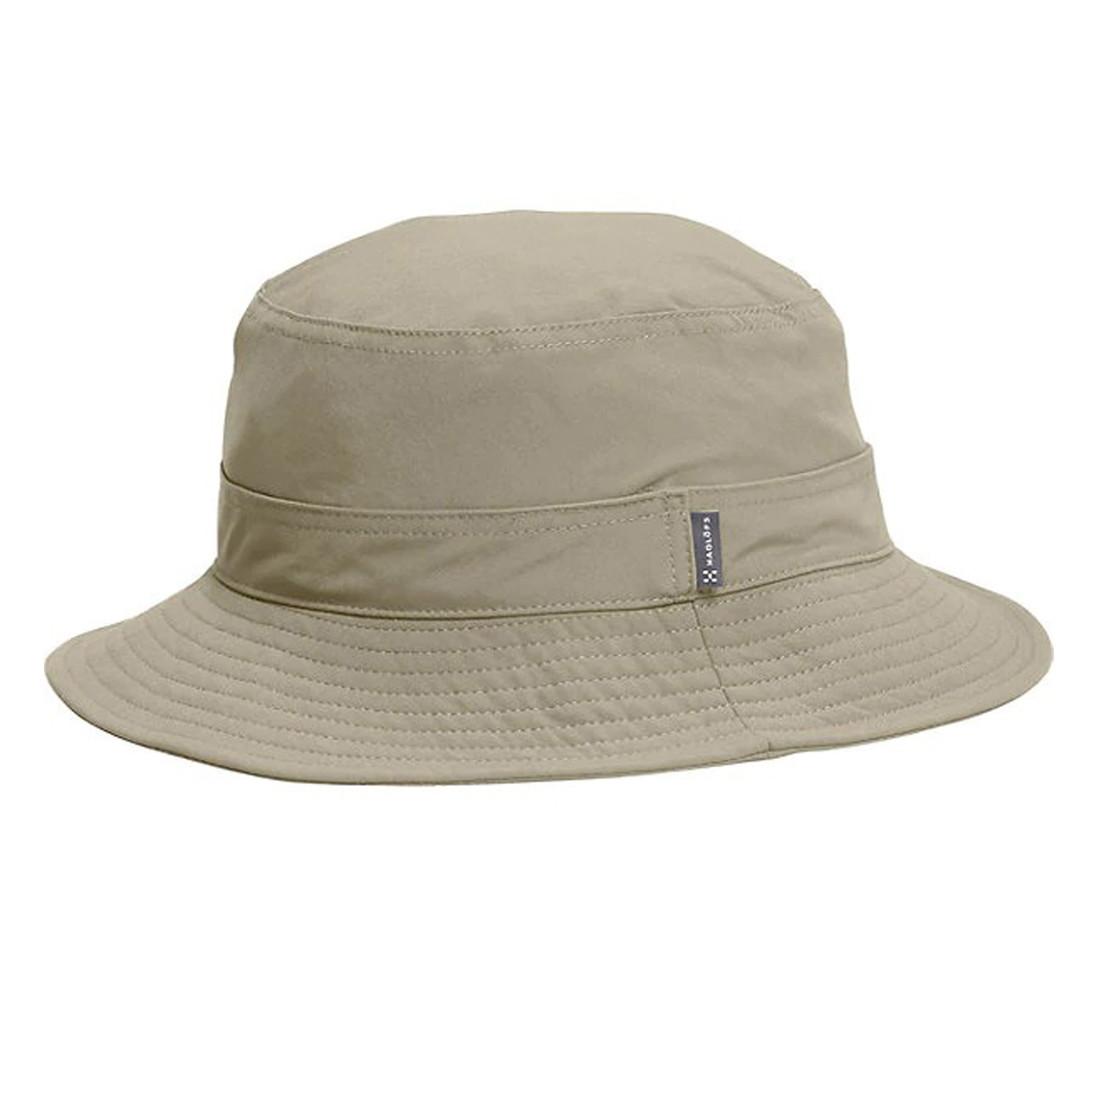 ホグロフス ソーラー 4 ハット(ユニセックス) 帽子  国内正規品